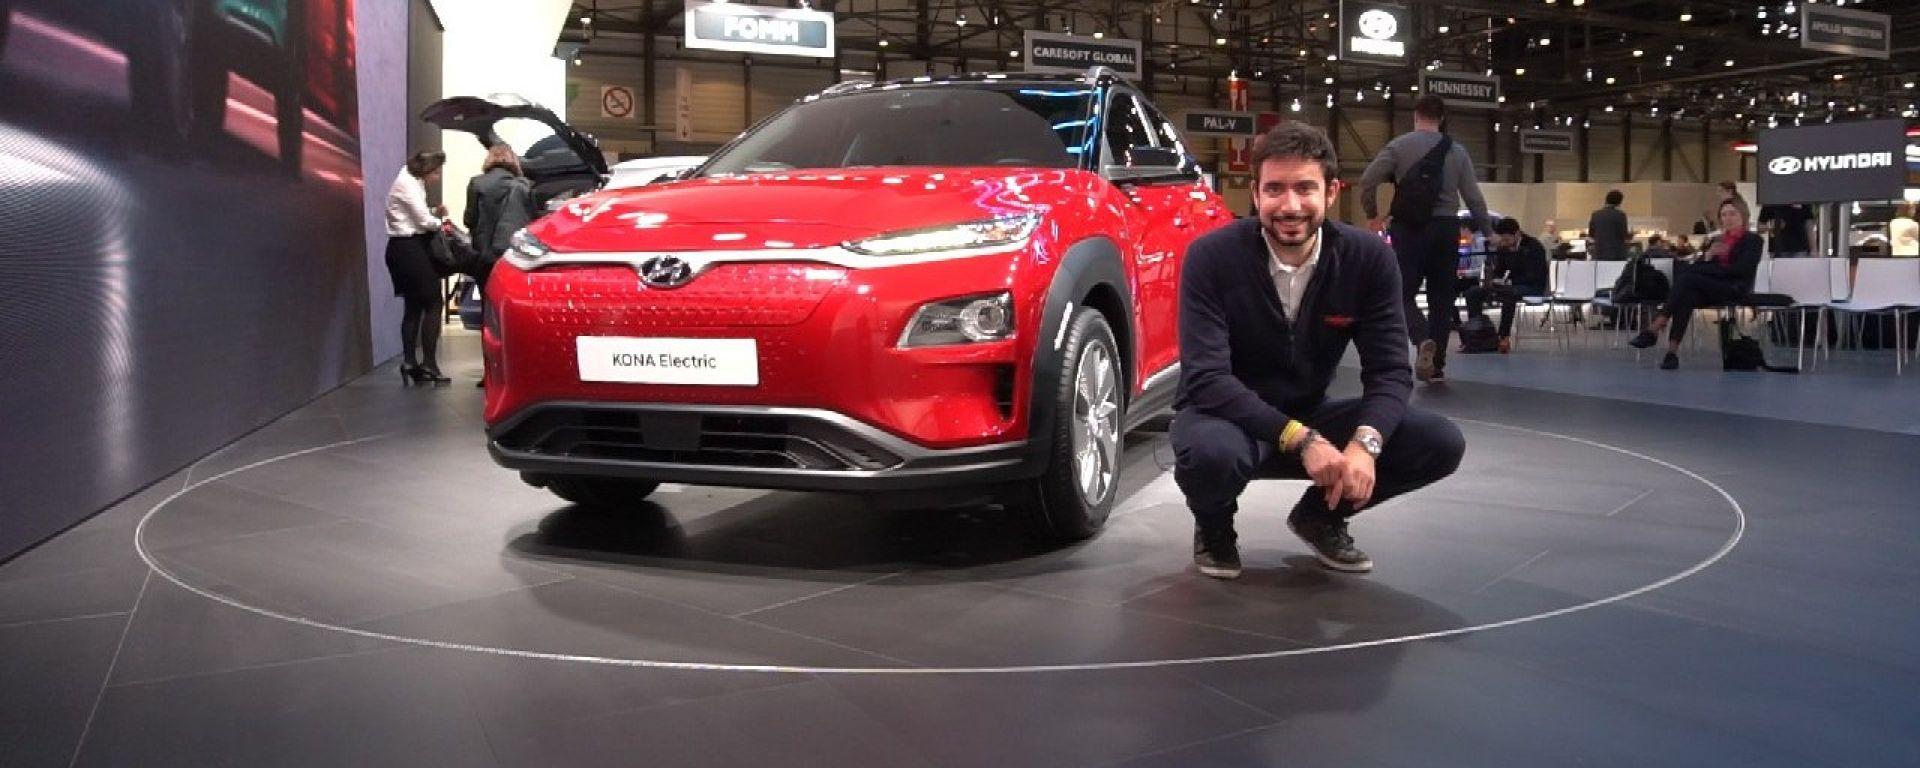 Hyundai Kona Electric: in video dal Salone di Ginevra 2018